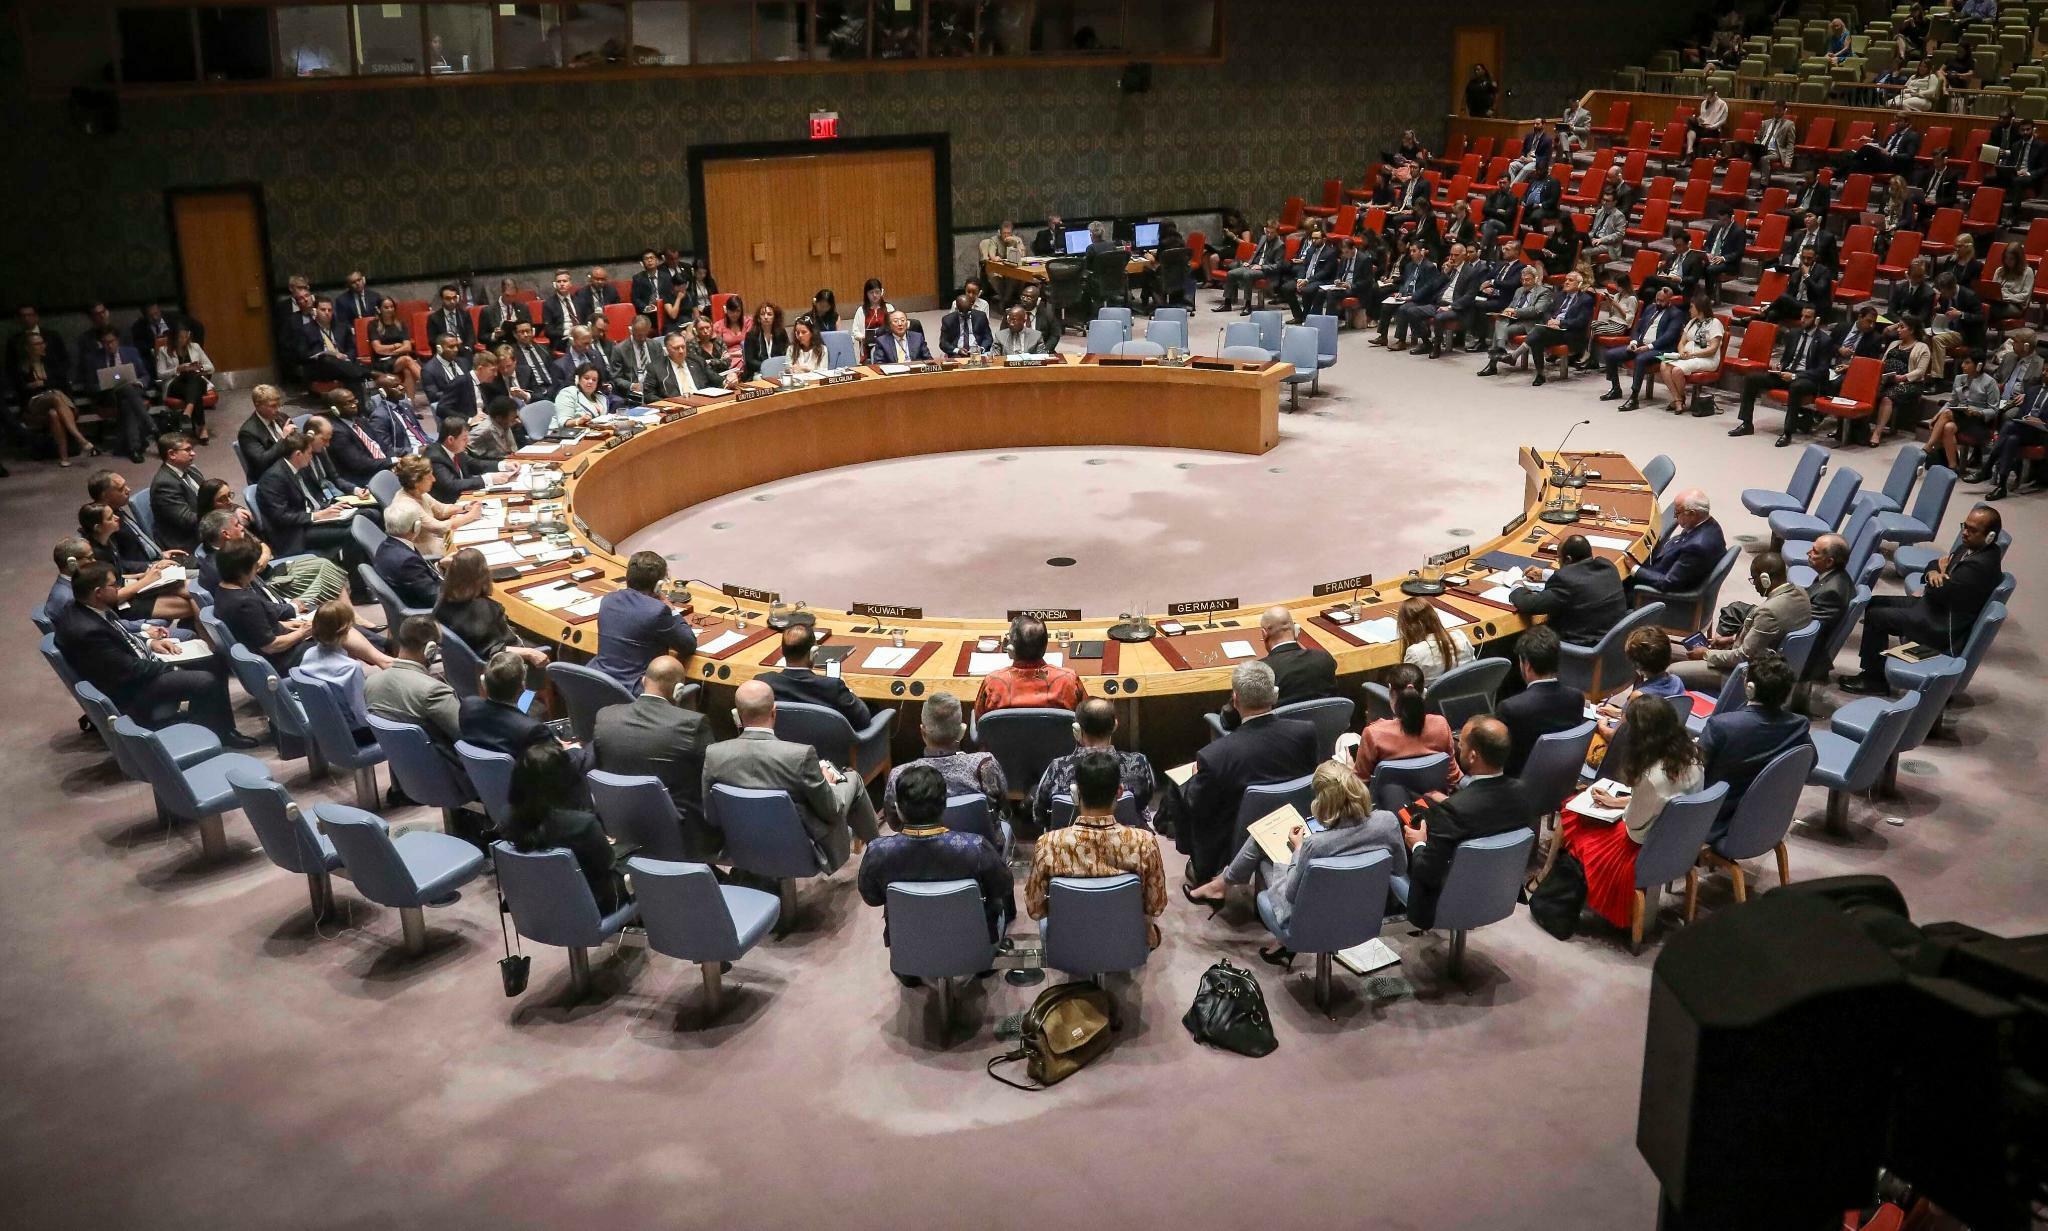 Uno-Sicherheitsrat tagt zu US-Raketentest